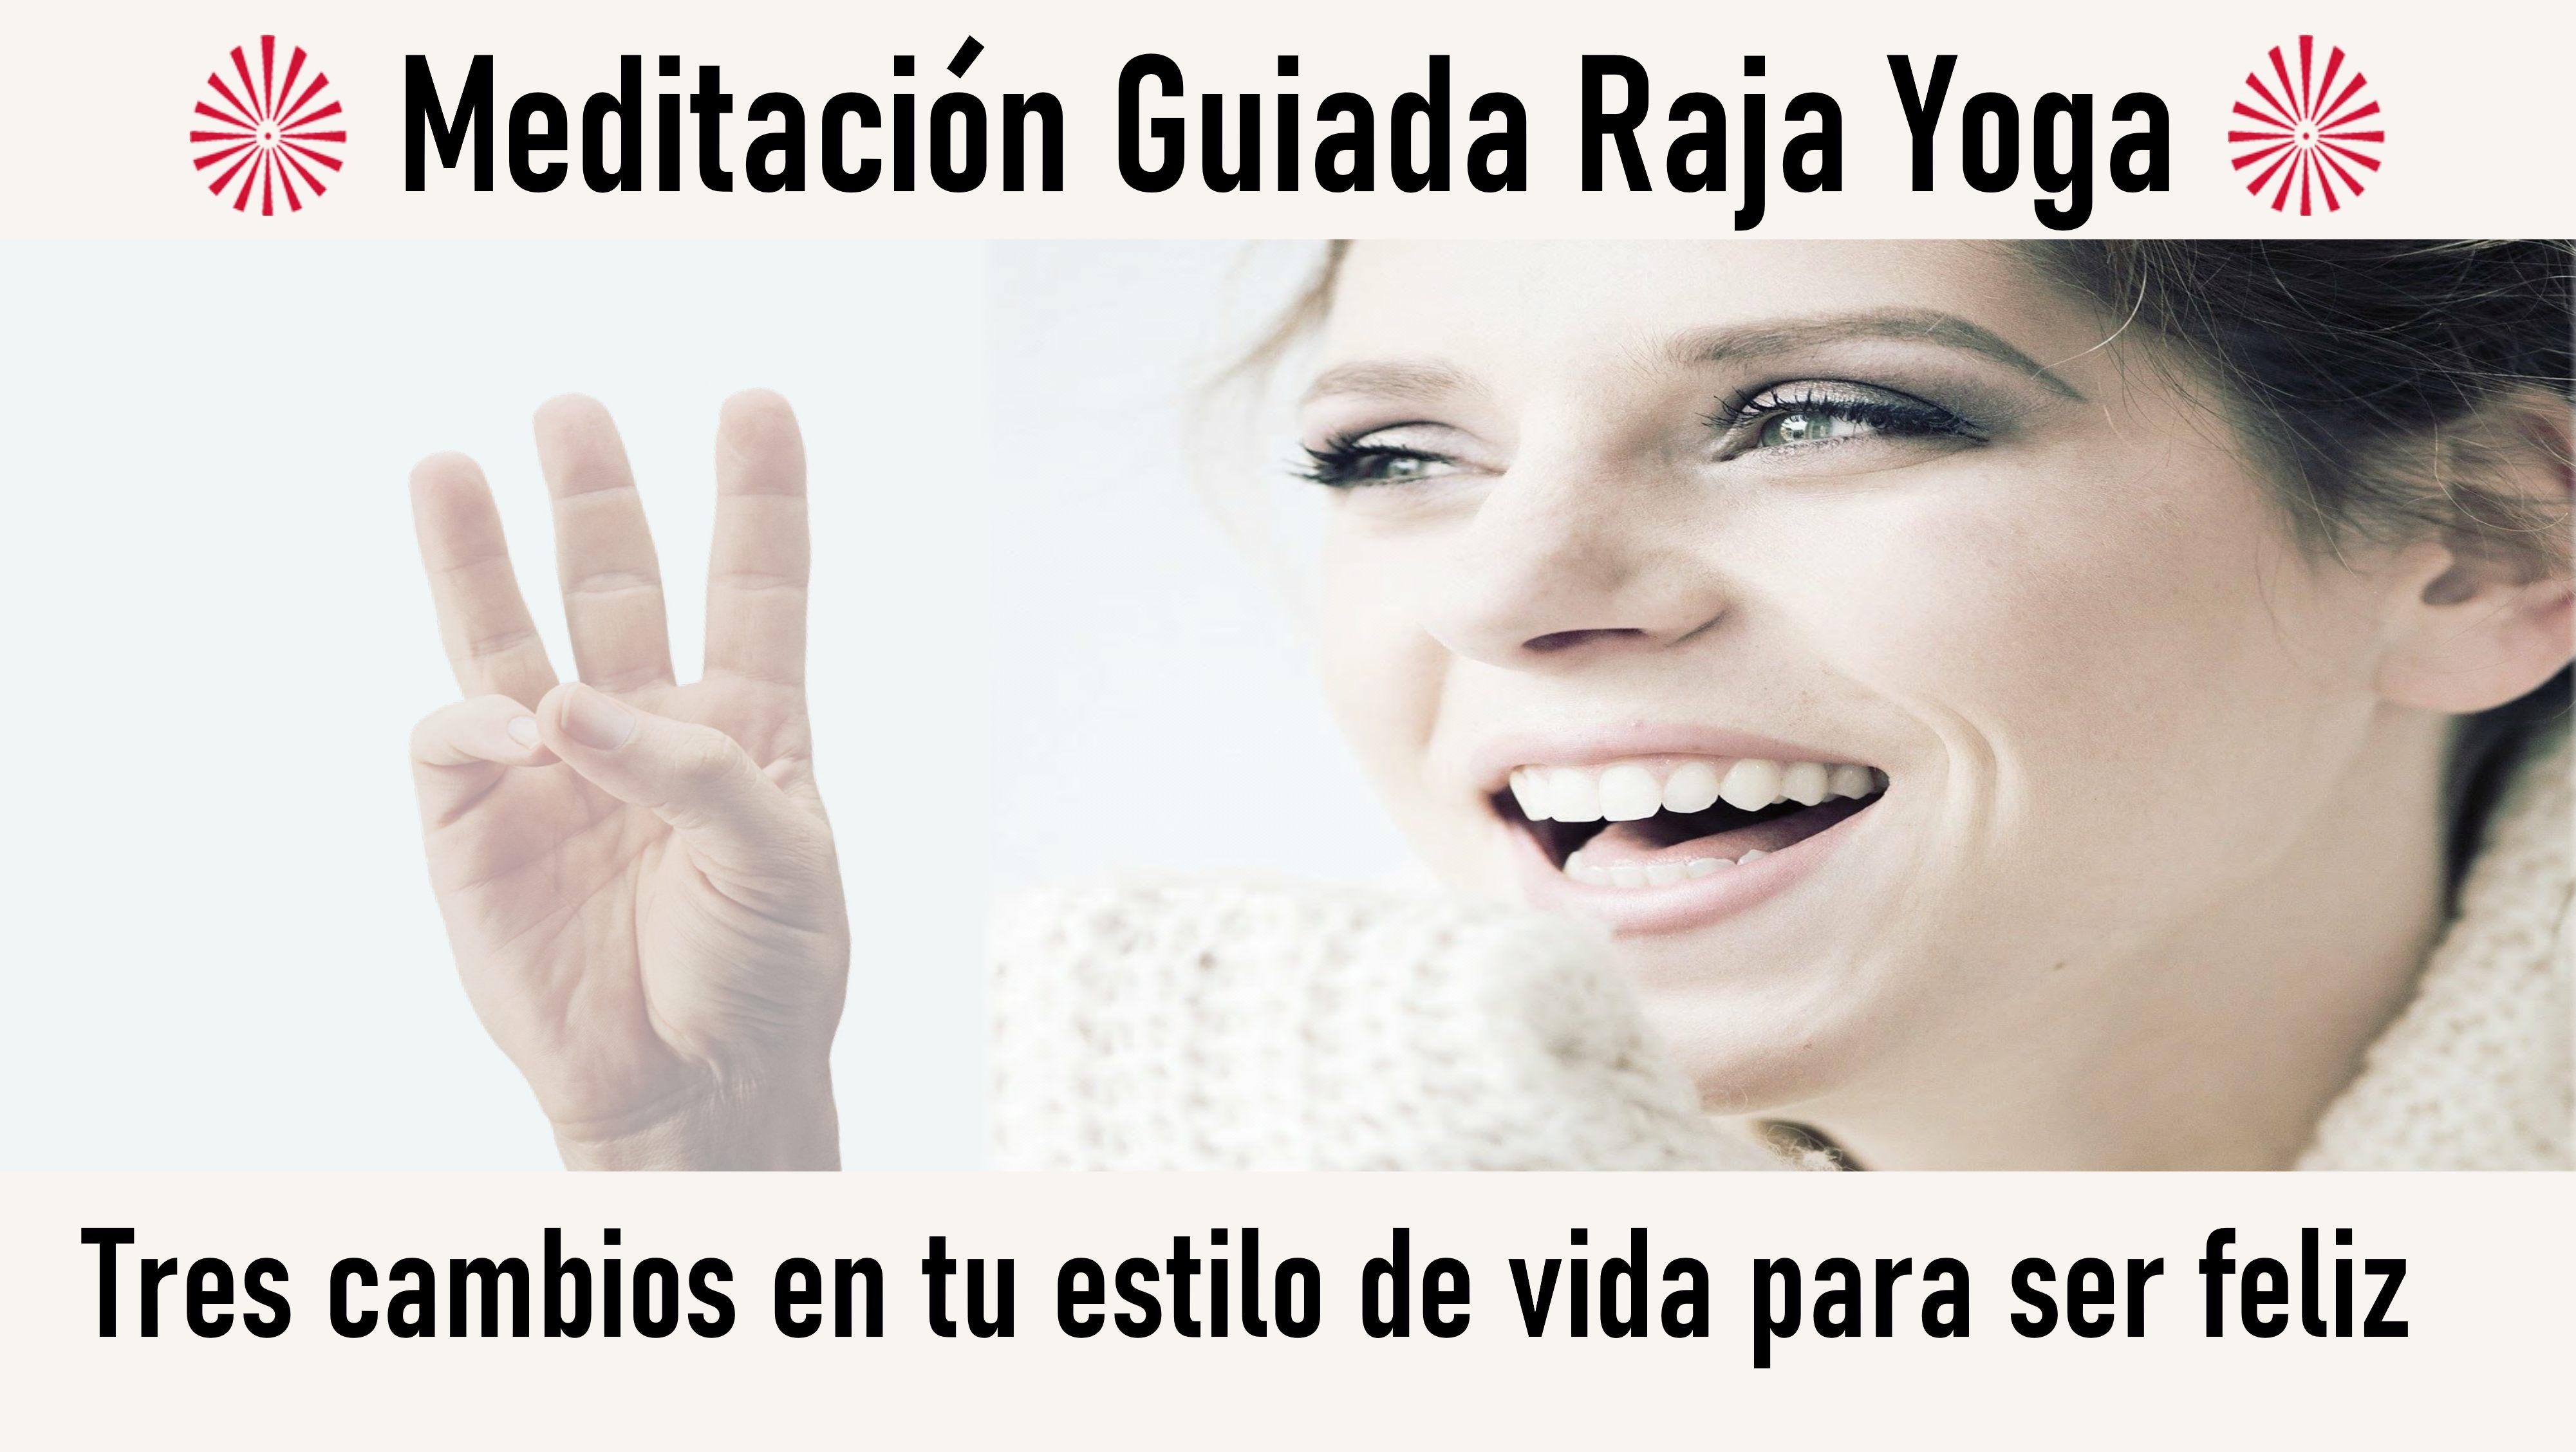 13 Agosto 2020 Meditación guiada:Tres cambios en tu estilo de vida para ser feliz